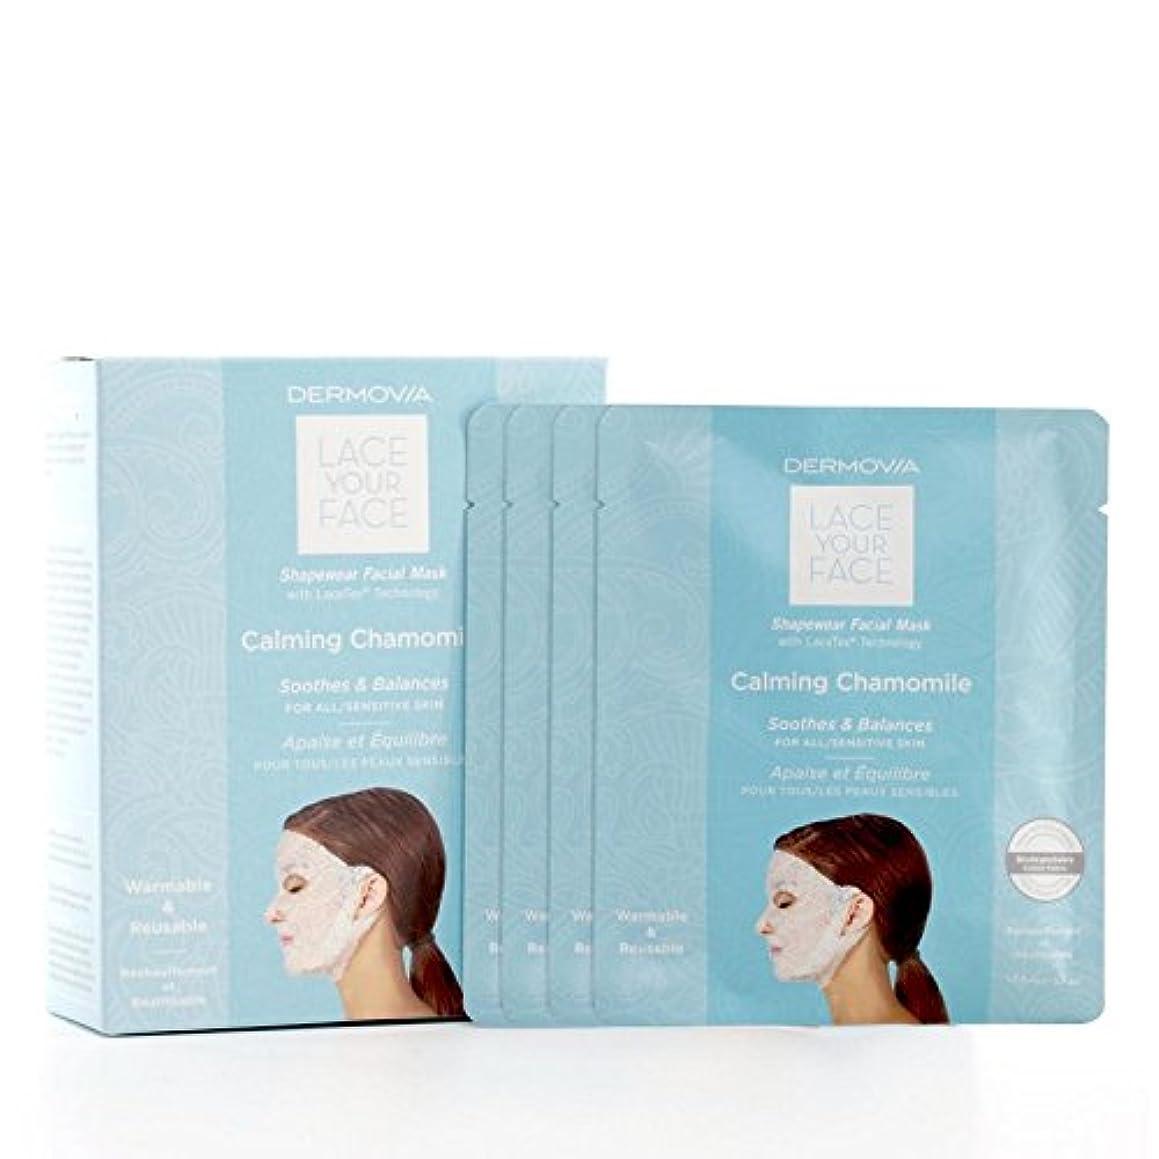 虹組患者は、あなたの顔の圧縮フェイシャルマスク心を落ち着かせるカモミールをひもで締めます x2 - Dermovia Lace Your Face Compression Facial Mask Calming Chamomile (Pack of 2) [並行輸入品]